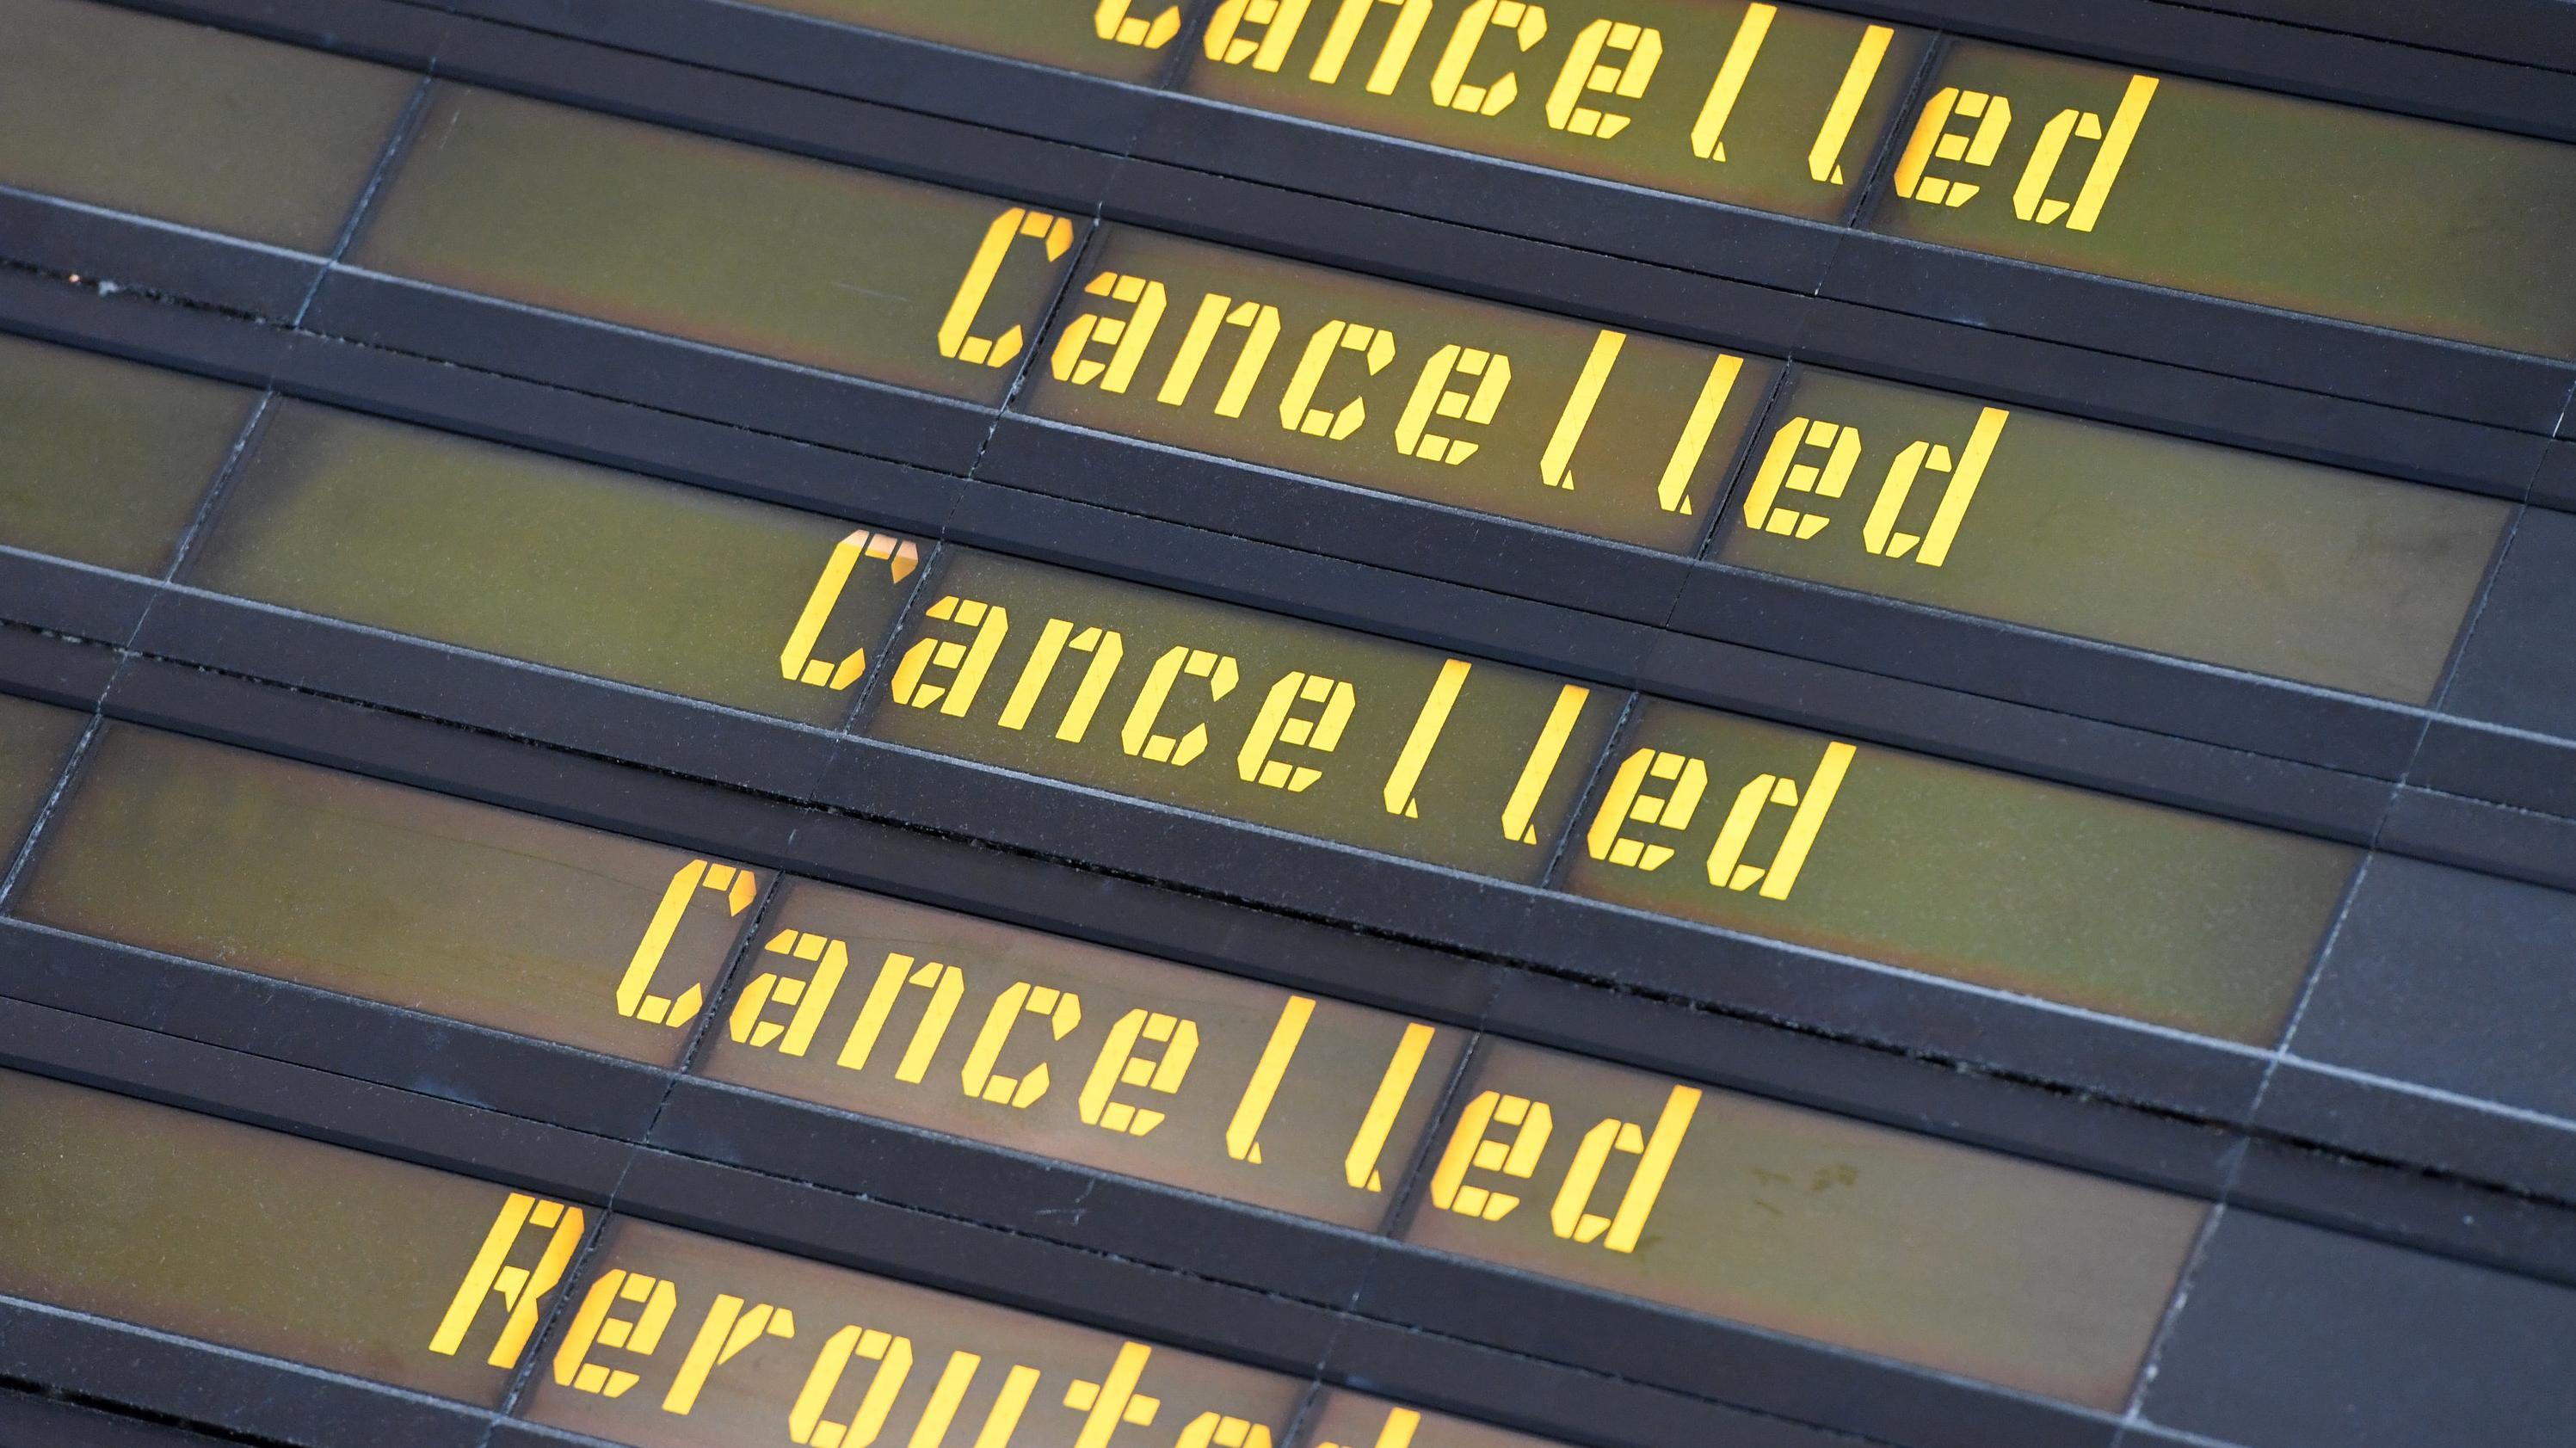 Eine Anzeigetafel auf streikbedingt gestrichene und umgeleitete Flüge hin.